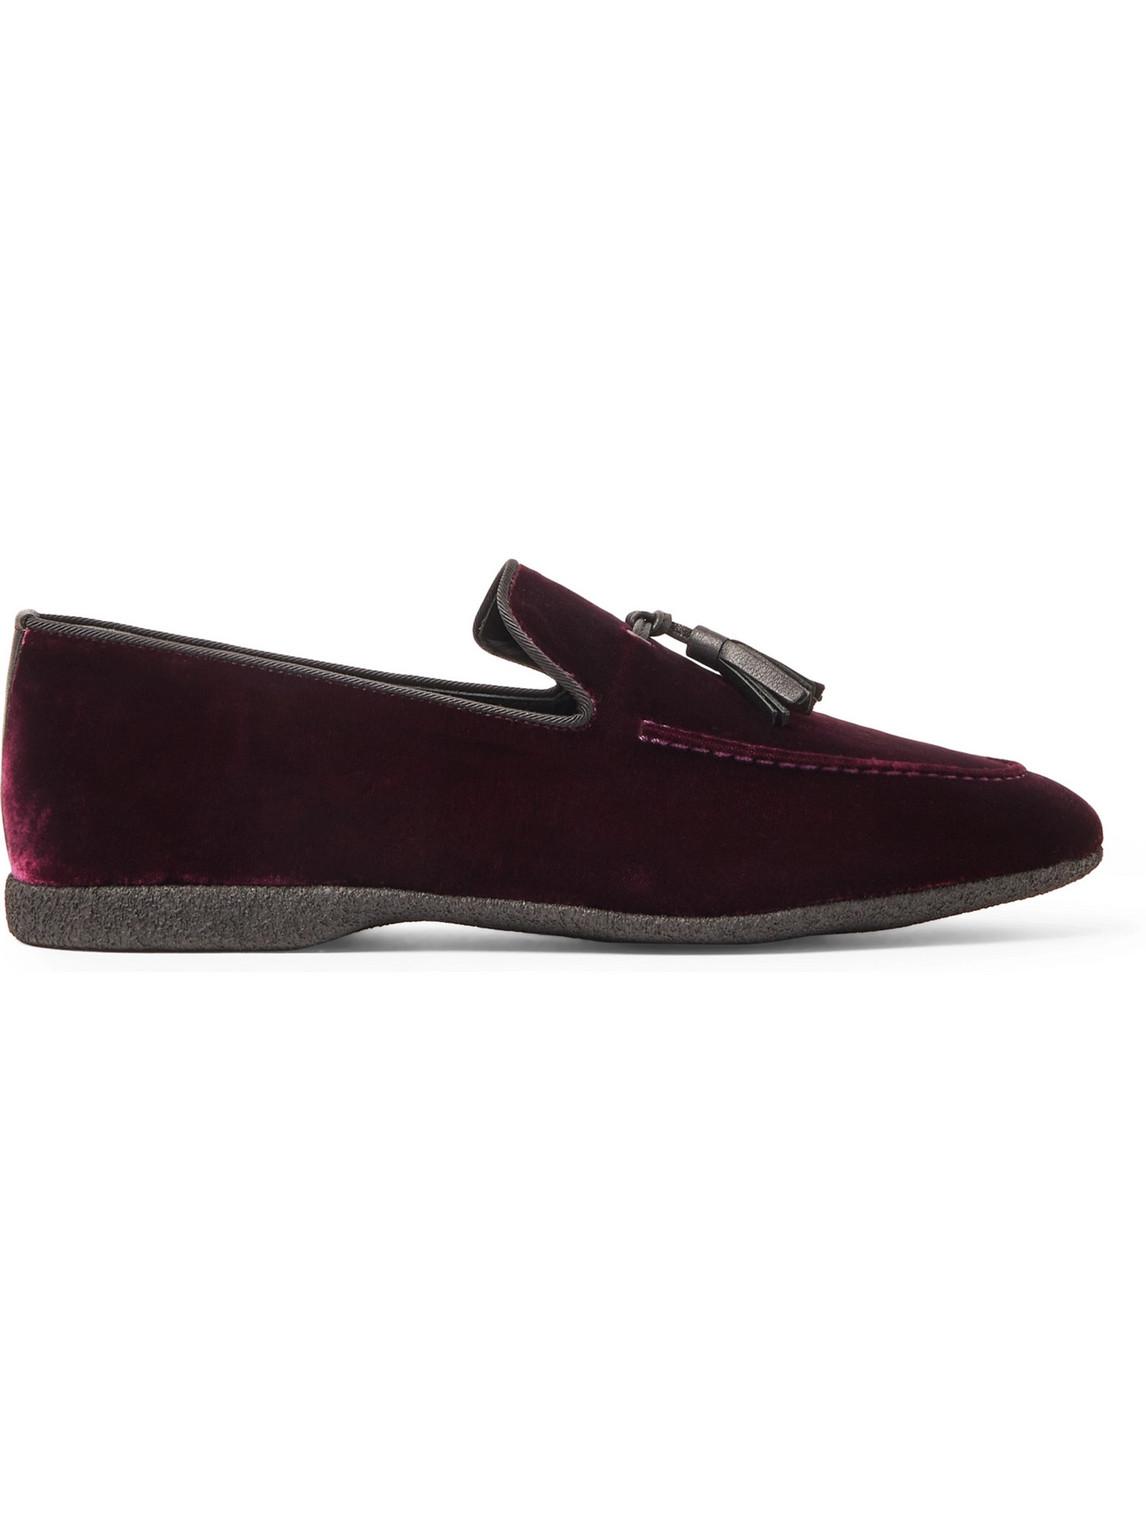 paul stuart - hope leather and grosgrain-trimmed velvet tasselled slippers - men - burgundy - 9